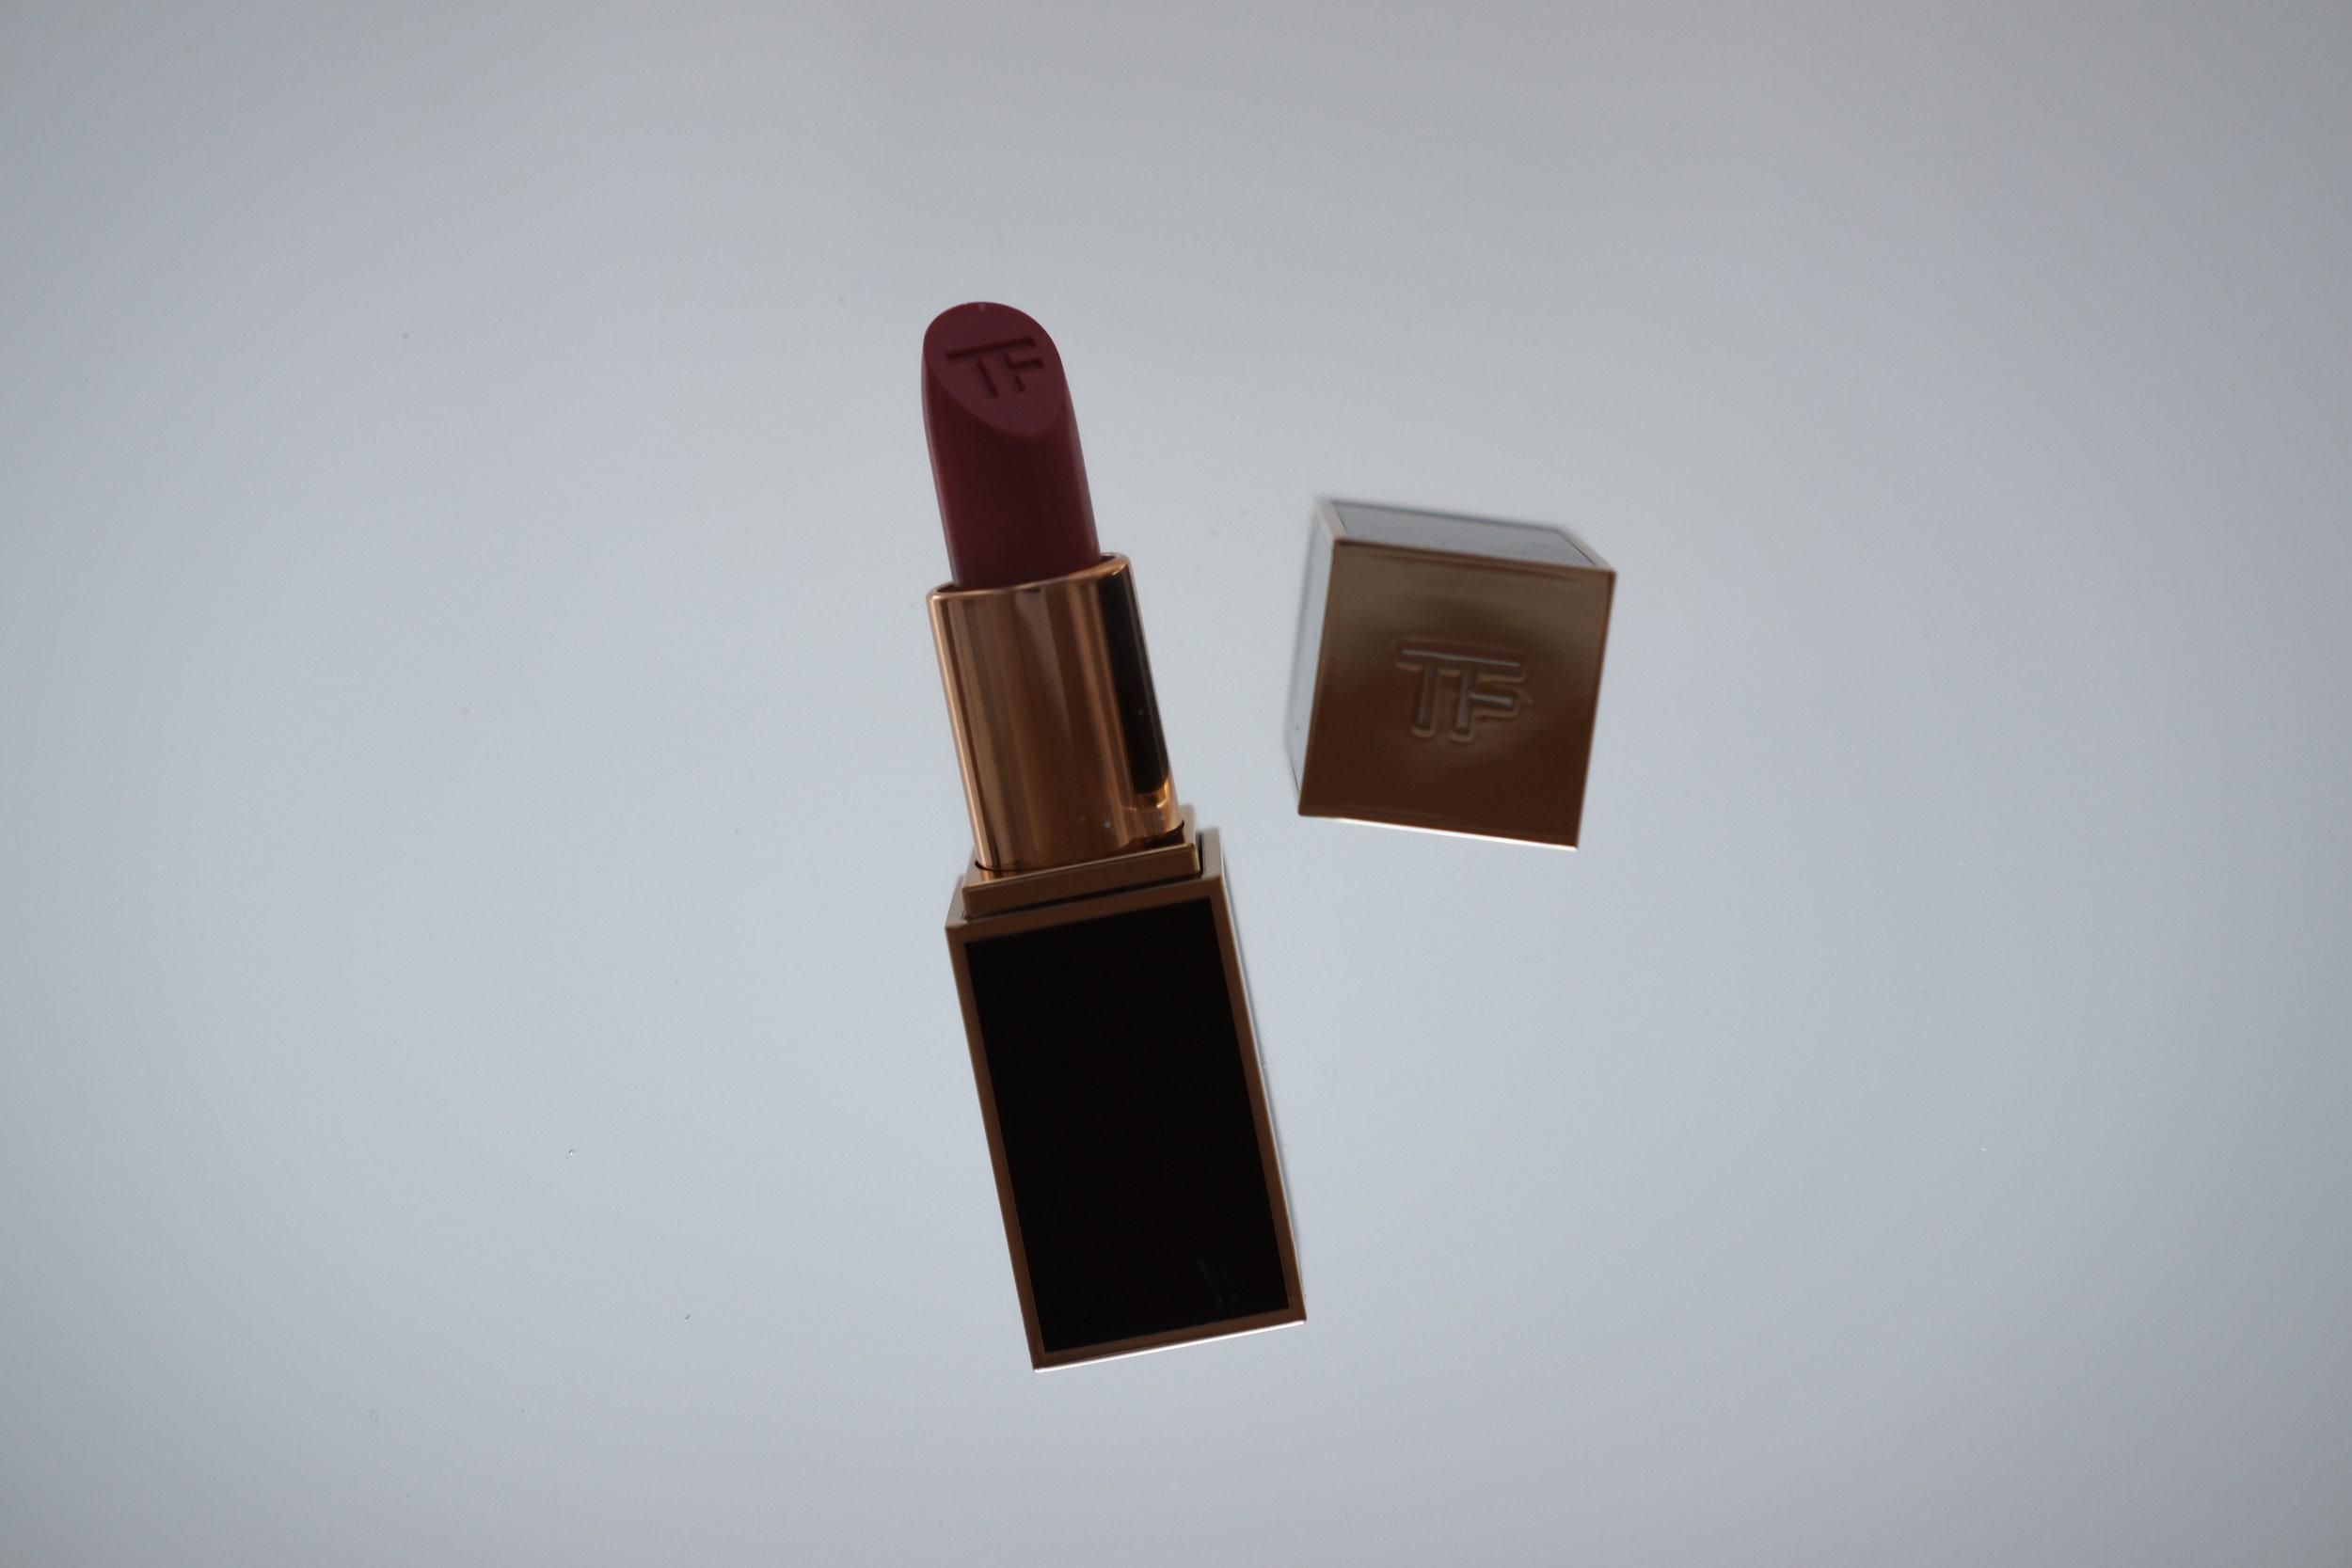 Viikko 8/2019:  Tom Ford Lip Color 16 Scarlet Rouge  - Klassinen huulipunakoostumus, joka levittyy huulille ihanan pehmeästi ja antaa intensiivisen sävyn. Scarlet Rouge on aavistuksen ruskeaan taittava tumman punainen. Pysyy hyvin, kosteuttaa ja on ihanan ylellinen.